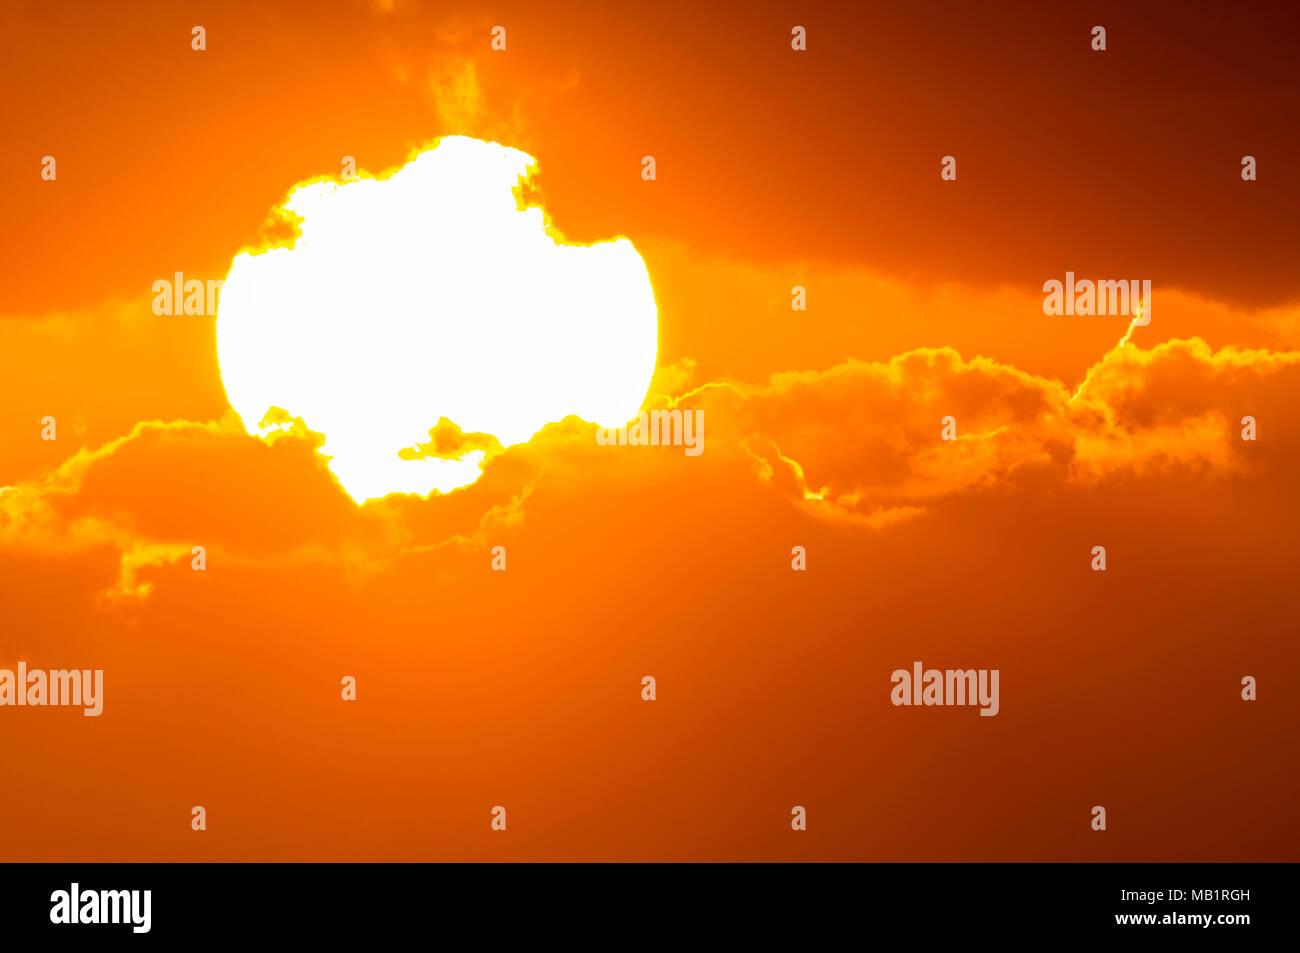 Detailansicht der glühenden Sonne, tief am Himmel, teilweise von Wolken bedeckt, kurz bevor es fest. Stockbild